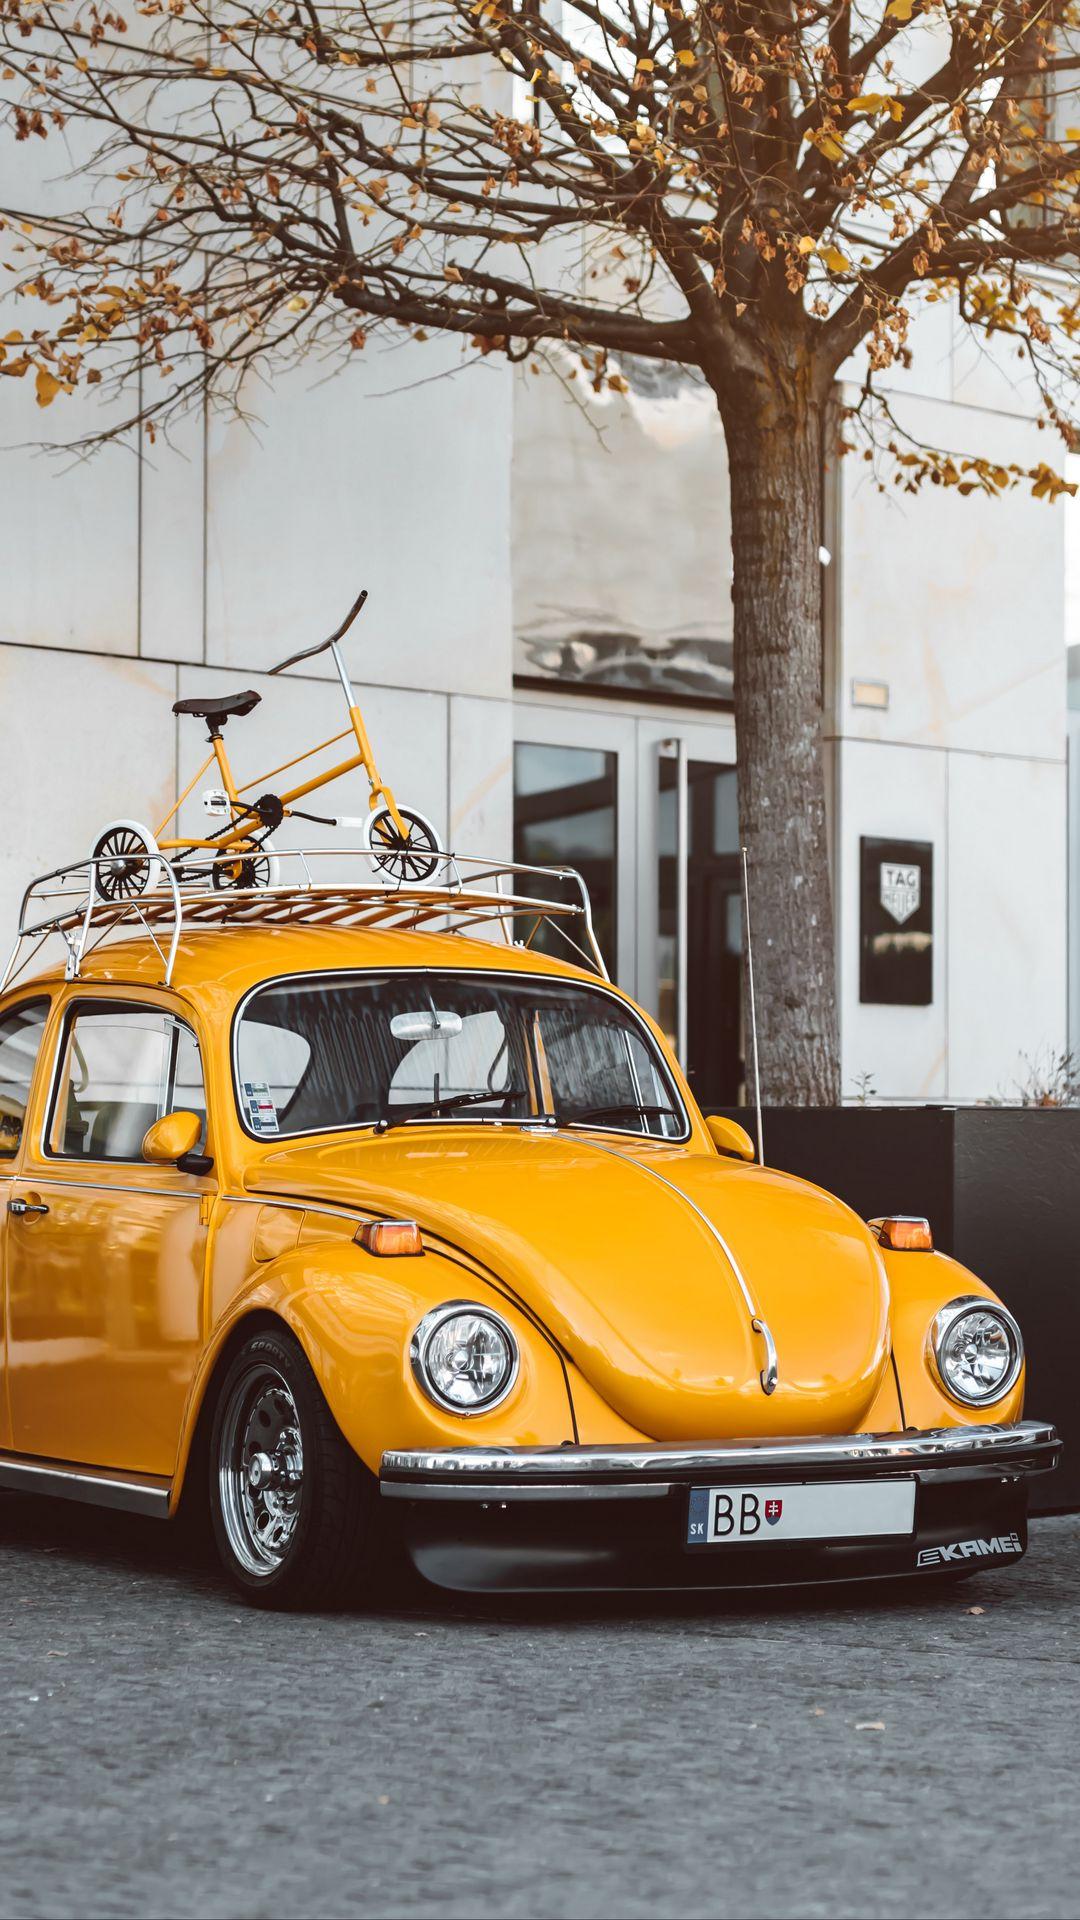 Volkswagen Beetle Wallpapers Free Download